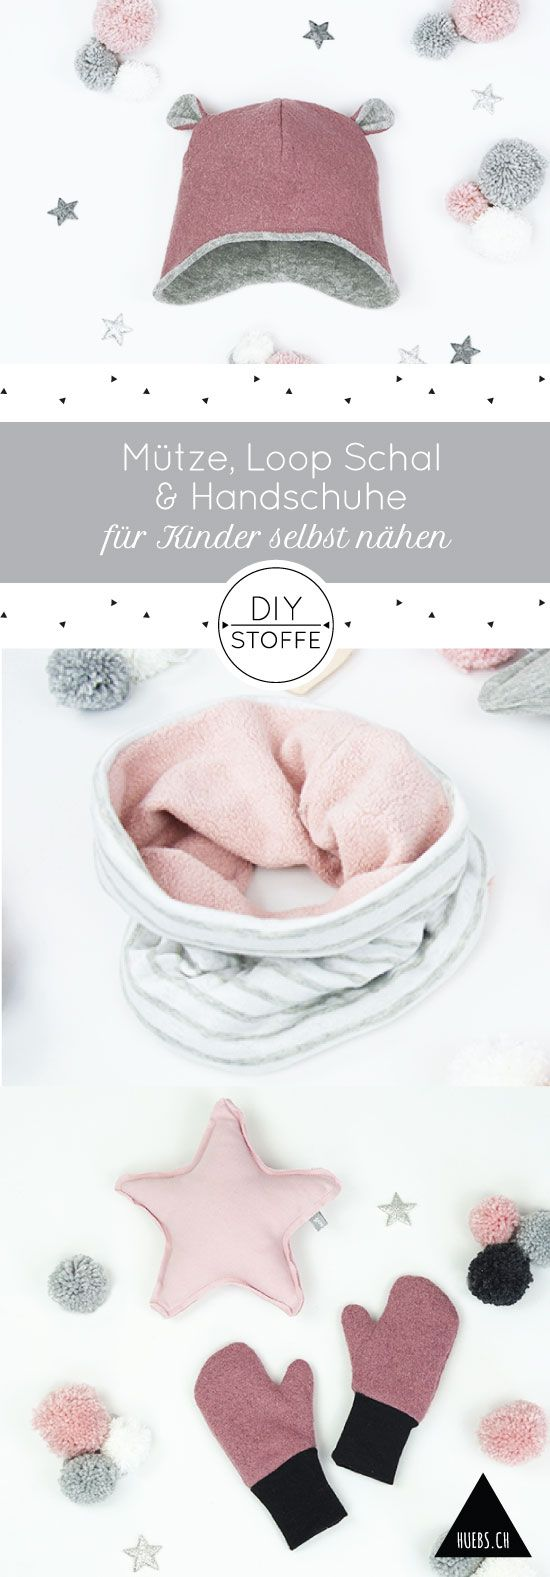 Mütze, Schal und Handschuhe selbst nähen - alles Anleitungen dafür findet Ihr bei diy-stoffe.de